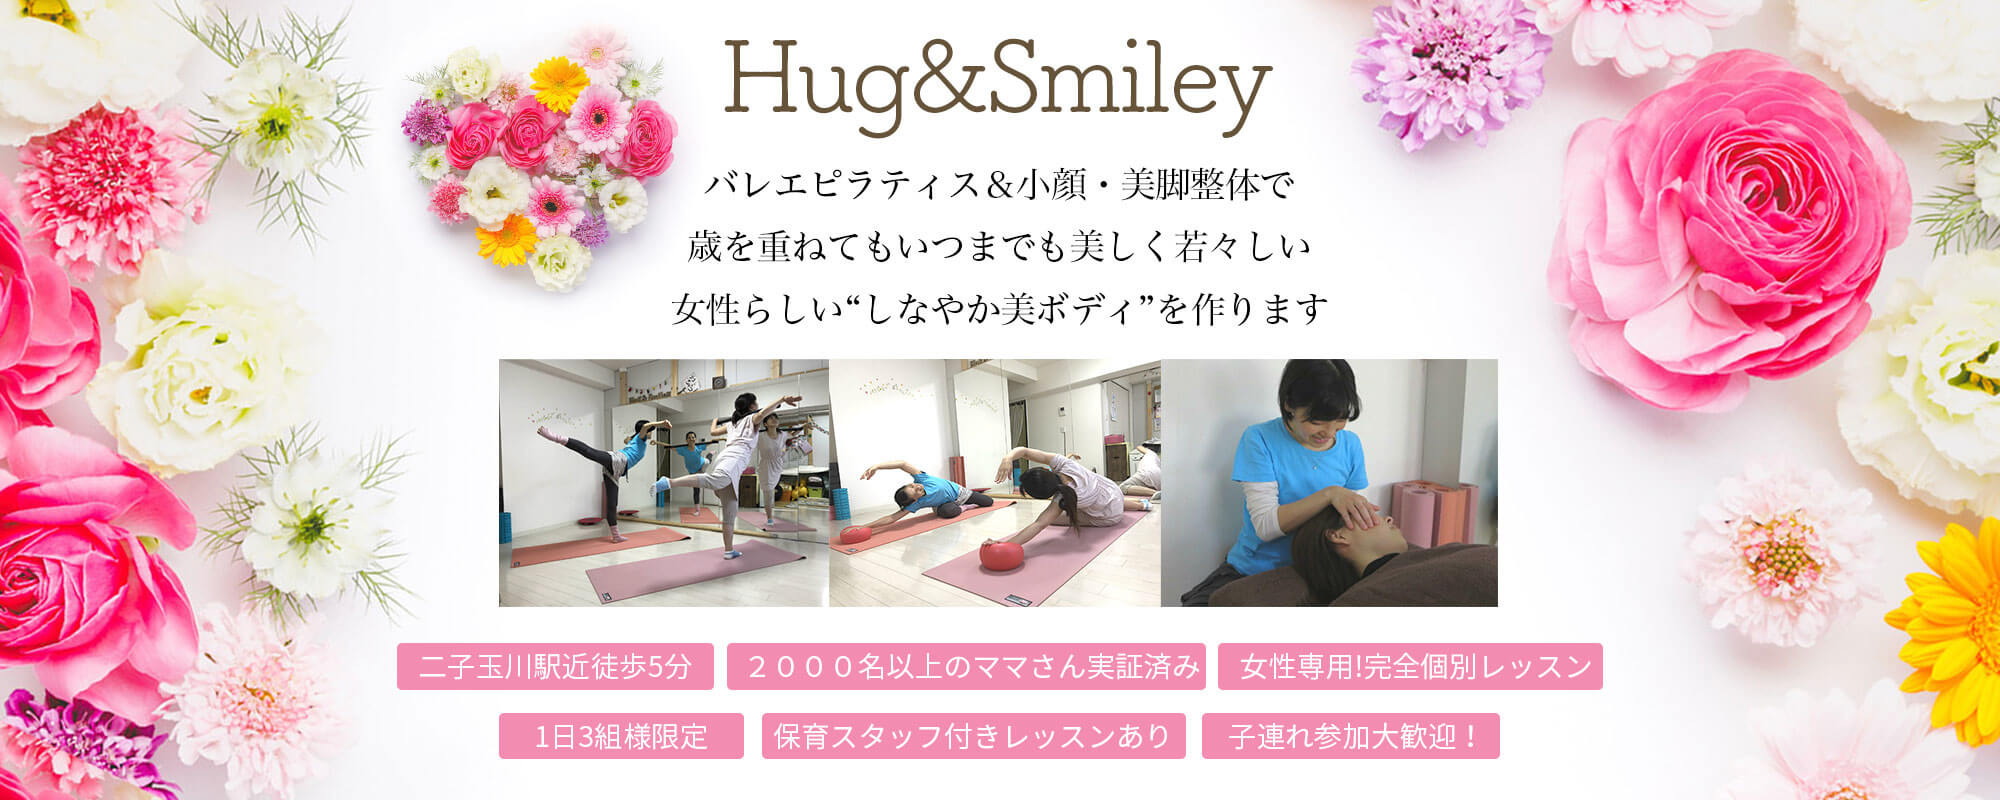 二子玉川のピラティス&小顔・美脚整体 | Hug&Smiley ヘッダー